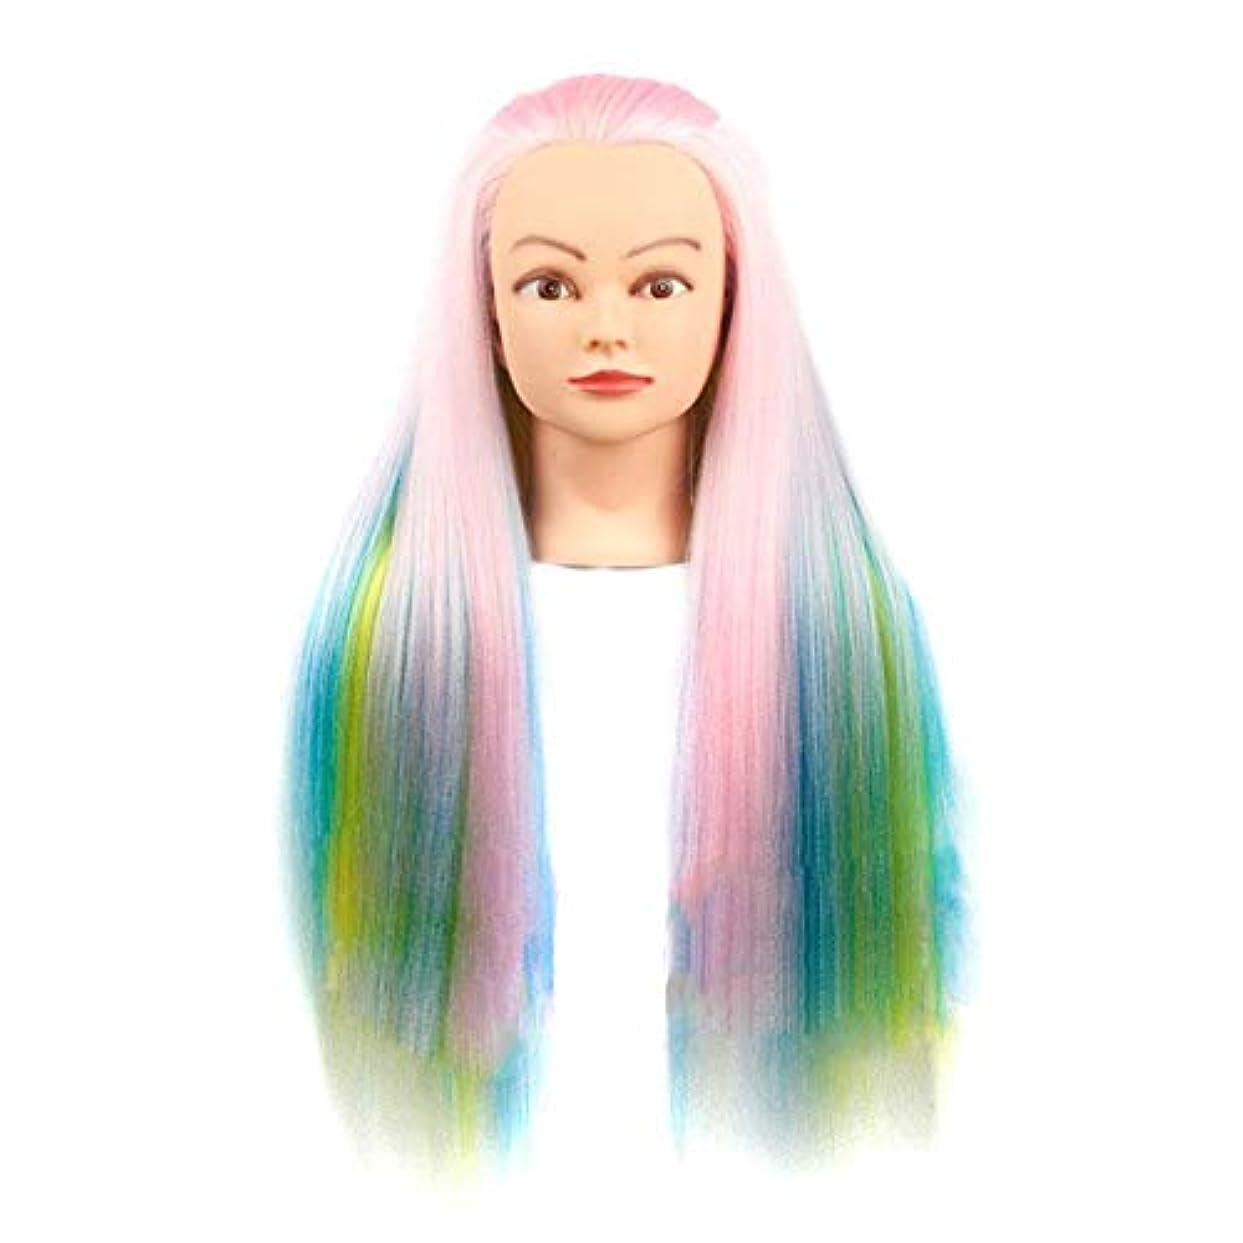 疼痛女の子証明練習ディスクヘア編組ヘッドモールド多色グラデーションデュアルユースダミーマネキンヘッドヘアカットヘアカットティーチングヘッドかつら